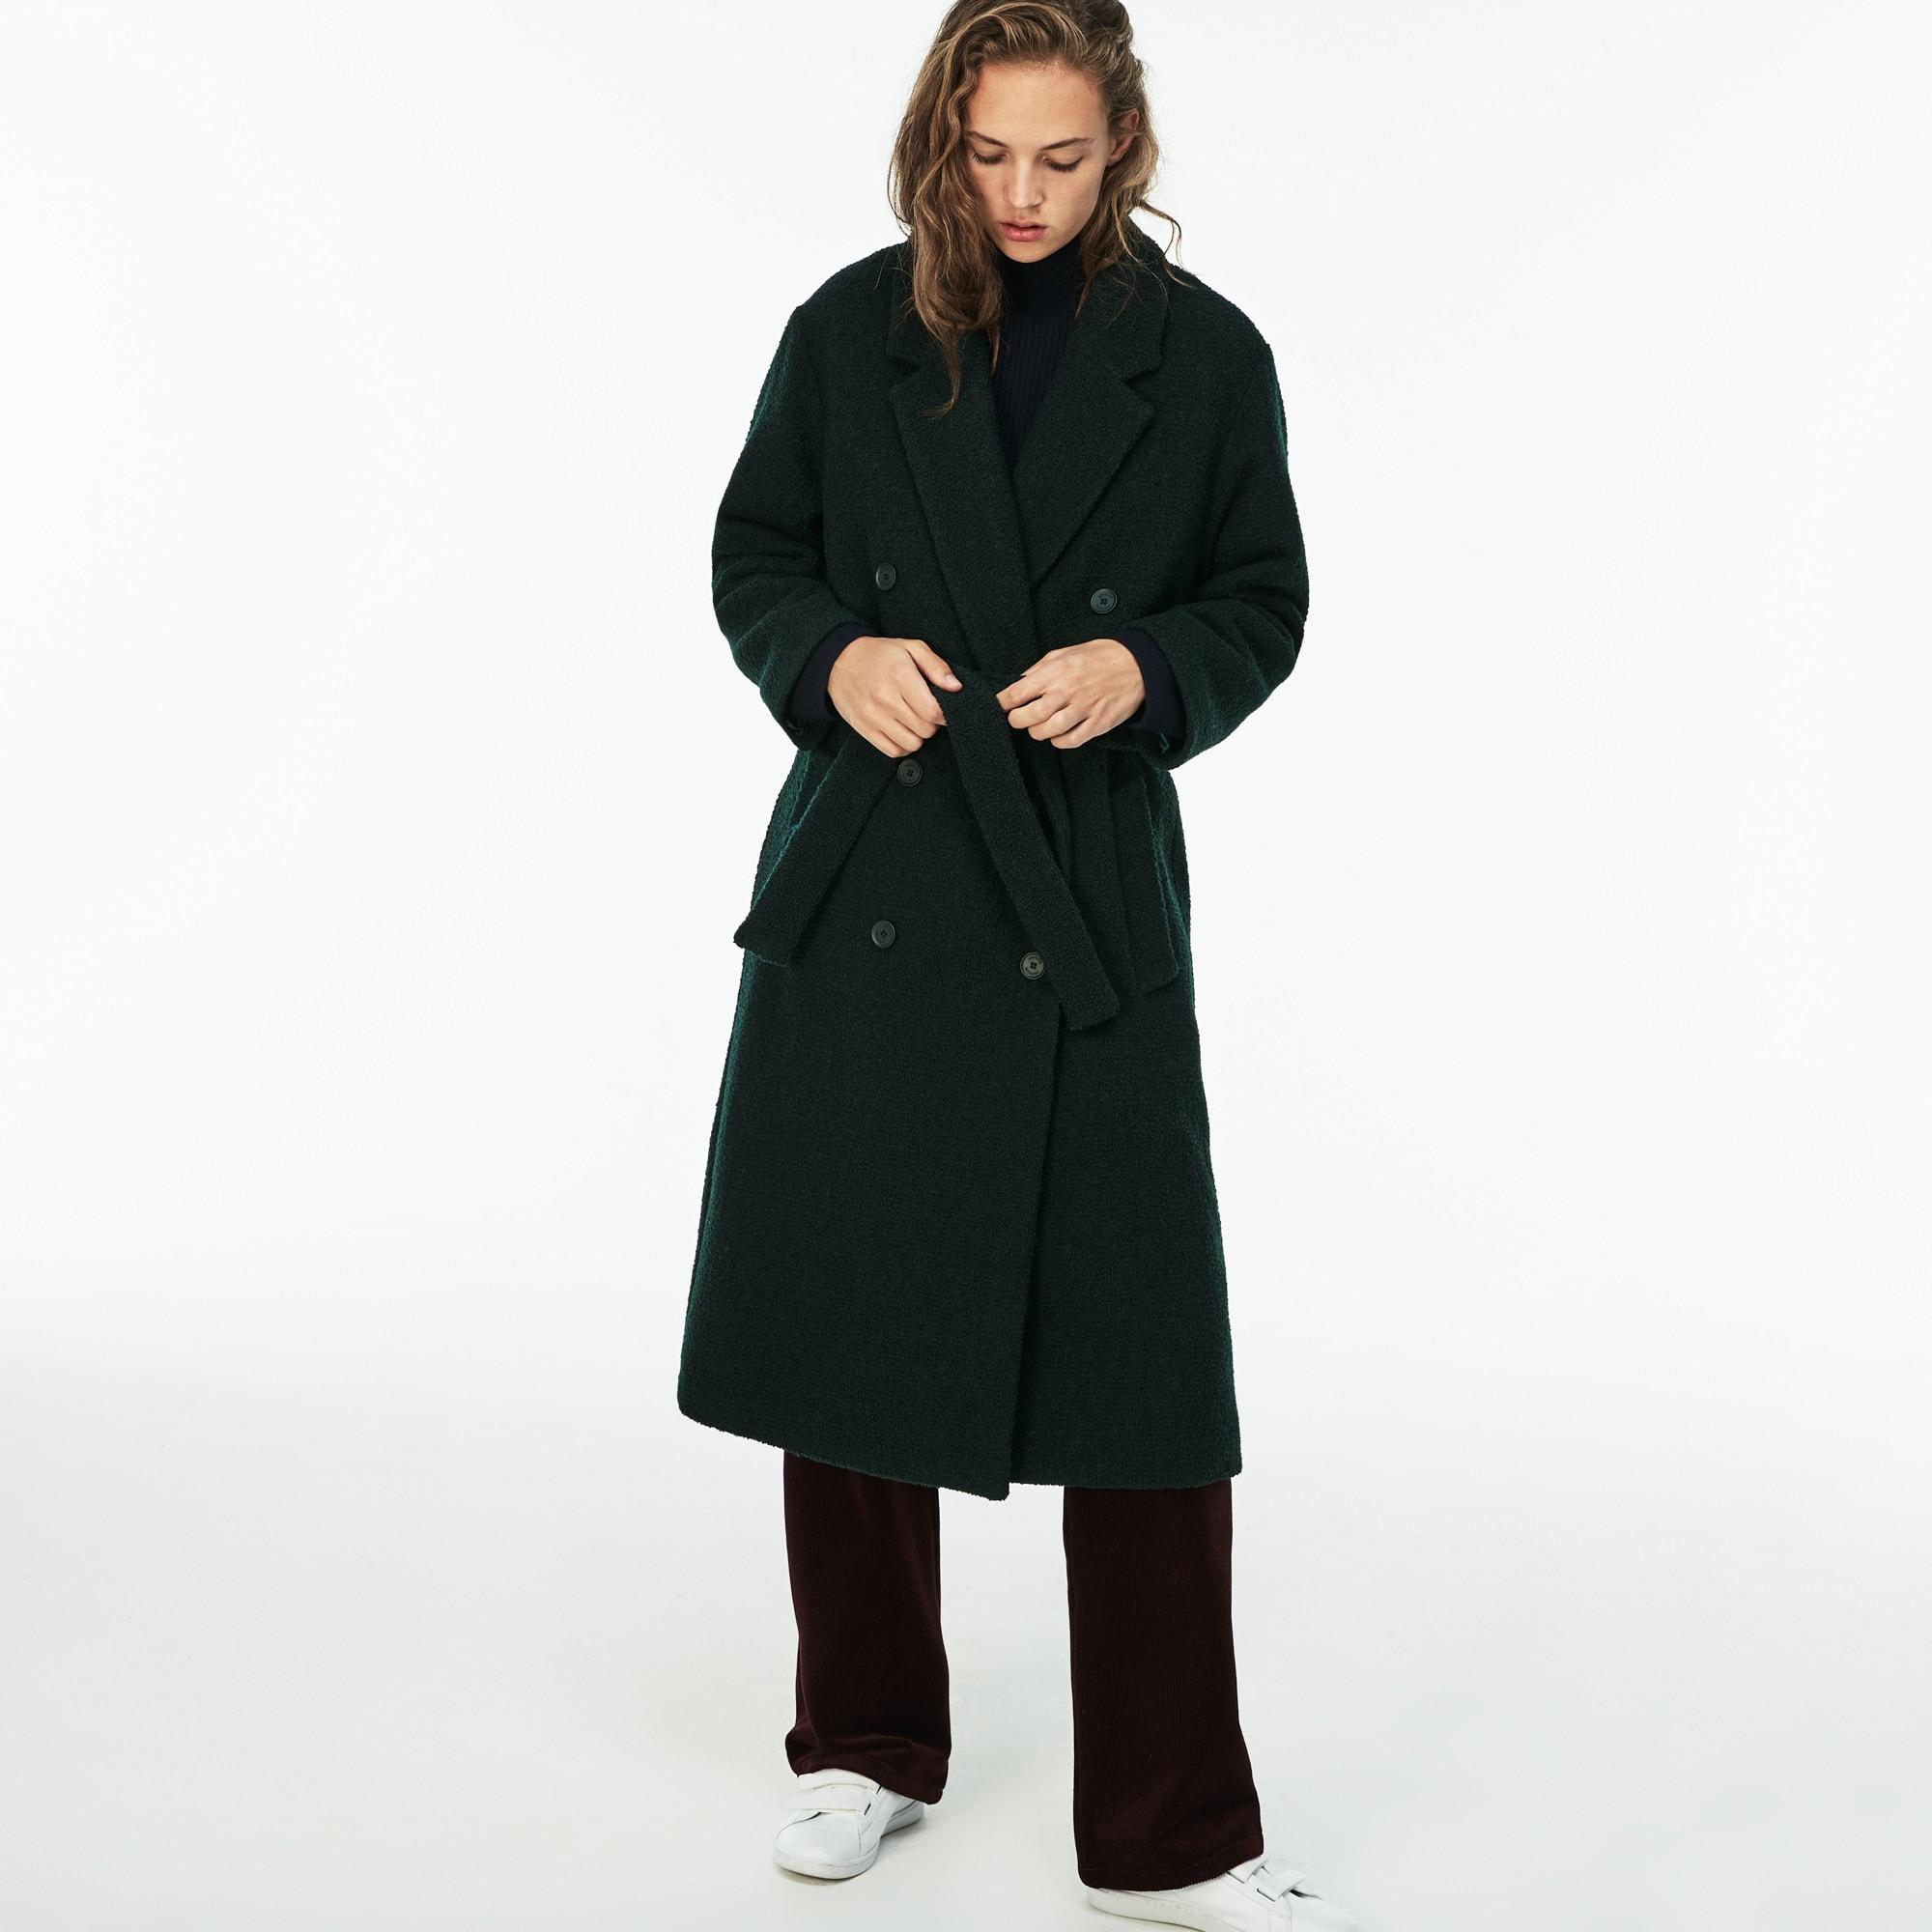 Damen doppelreihiger Trenchcoat aus Wollbouclé mit Gurt